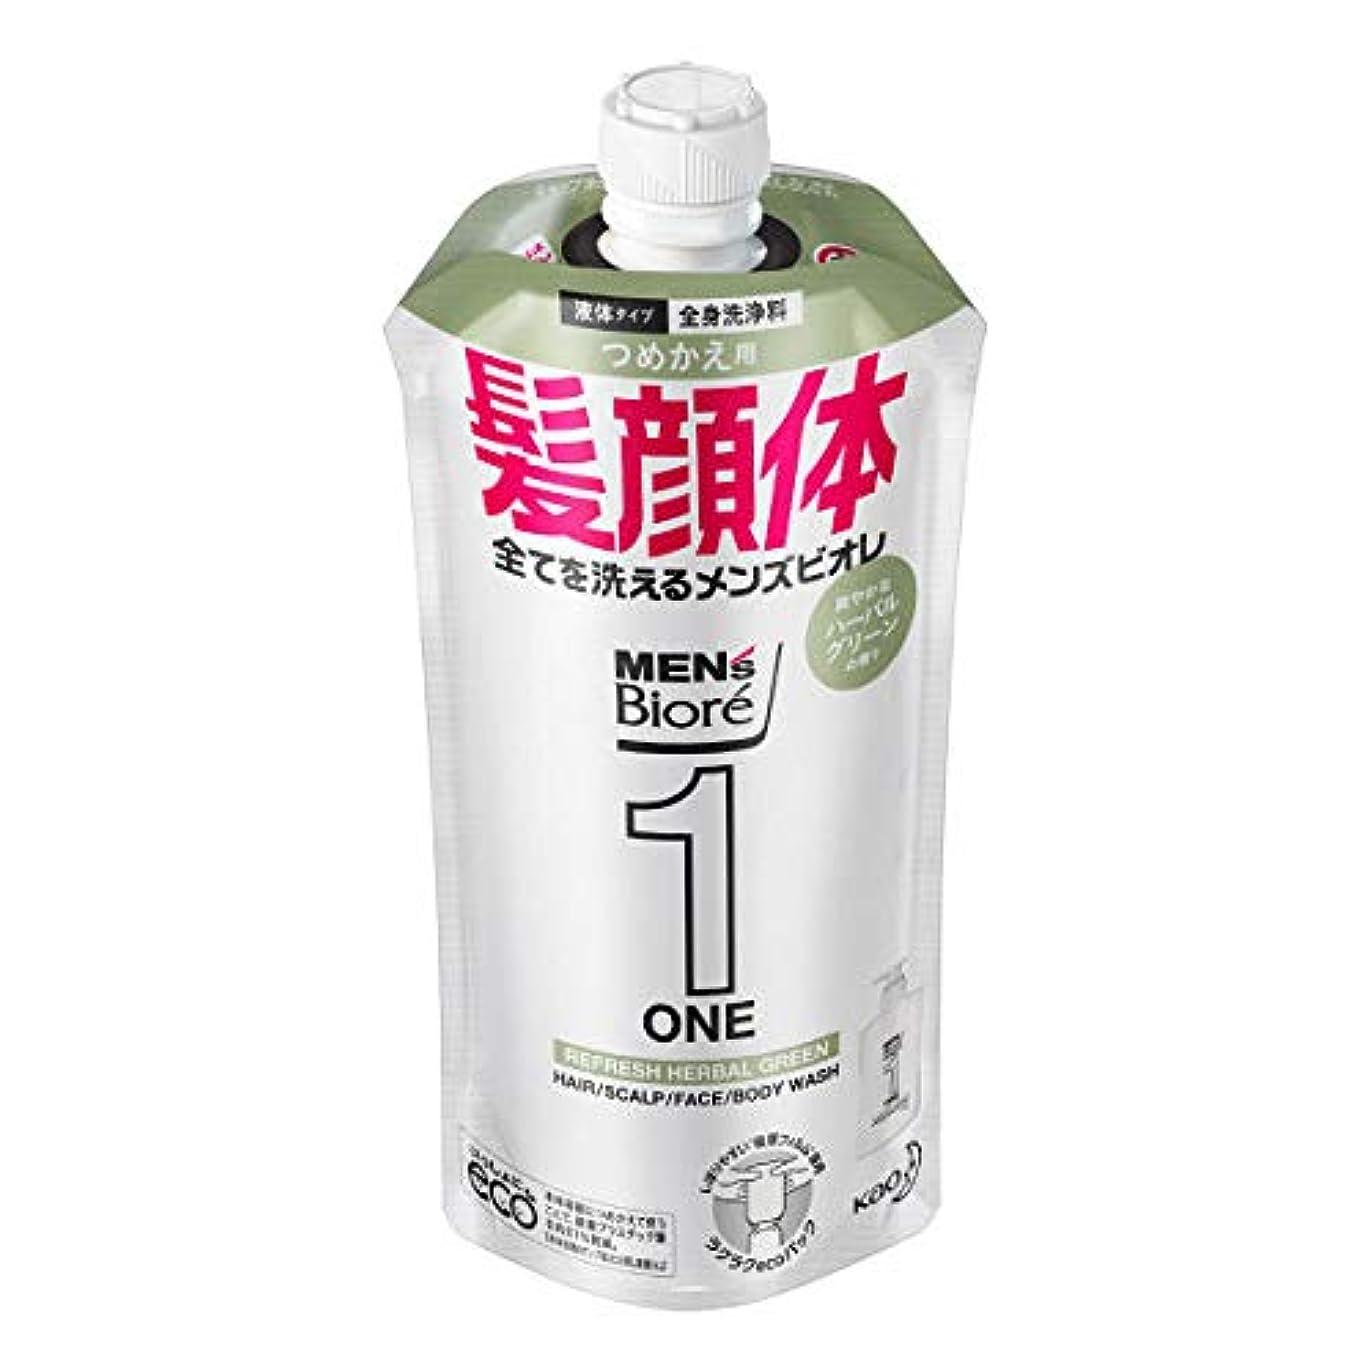 膨らみ伝統出来事メンズビオレONE オールインワン全身洗浄料 爽やかなハーブルグリーンの香り つめかえ用 340mL